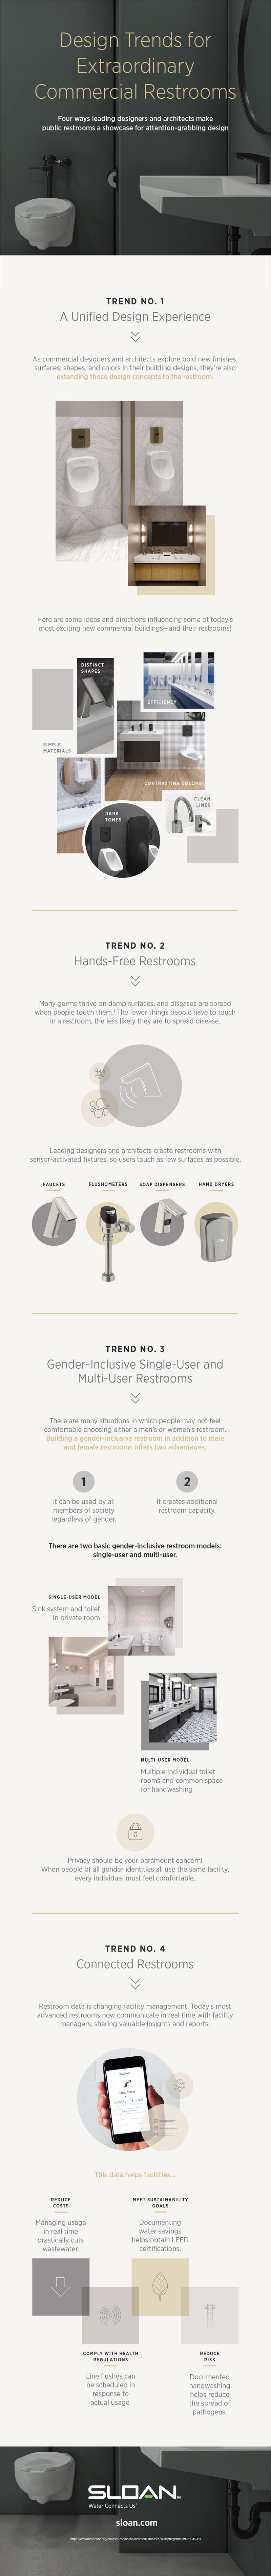 卫生间设计趋势